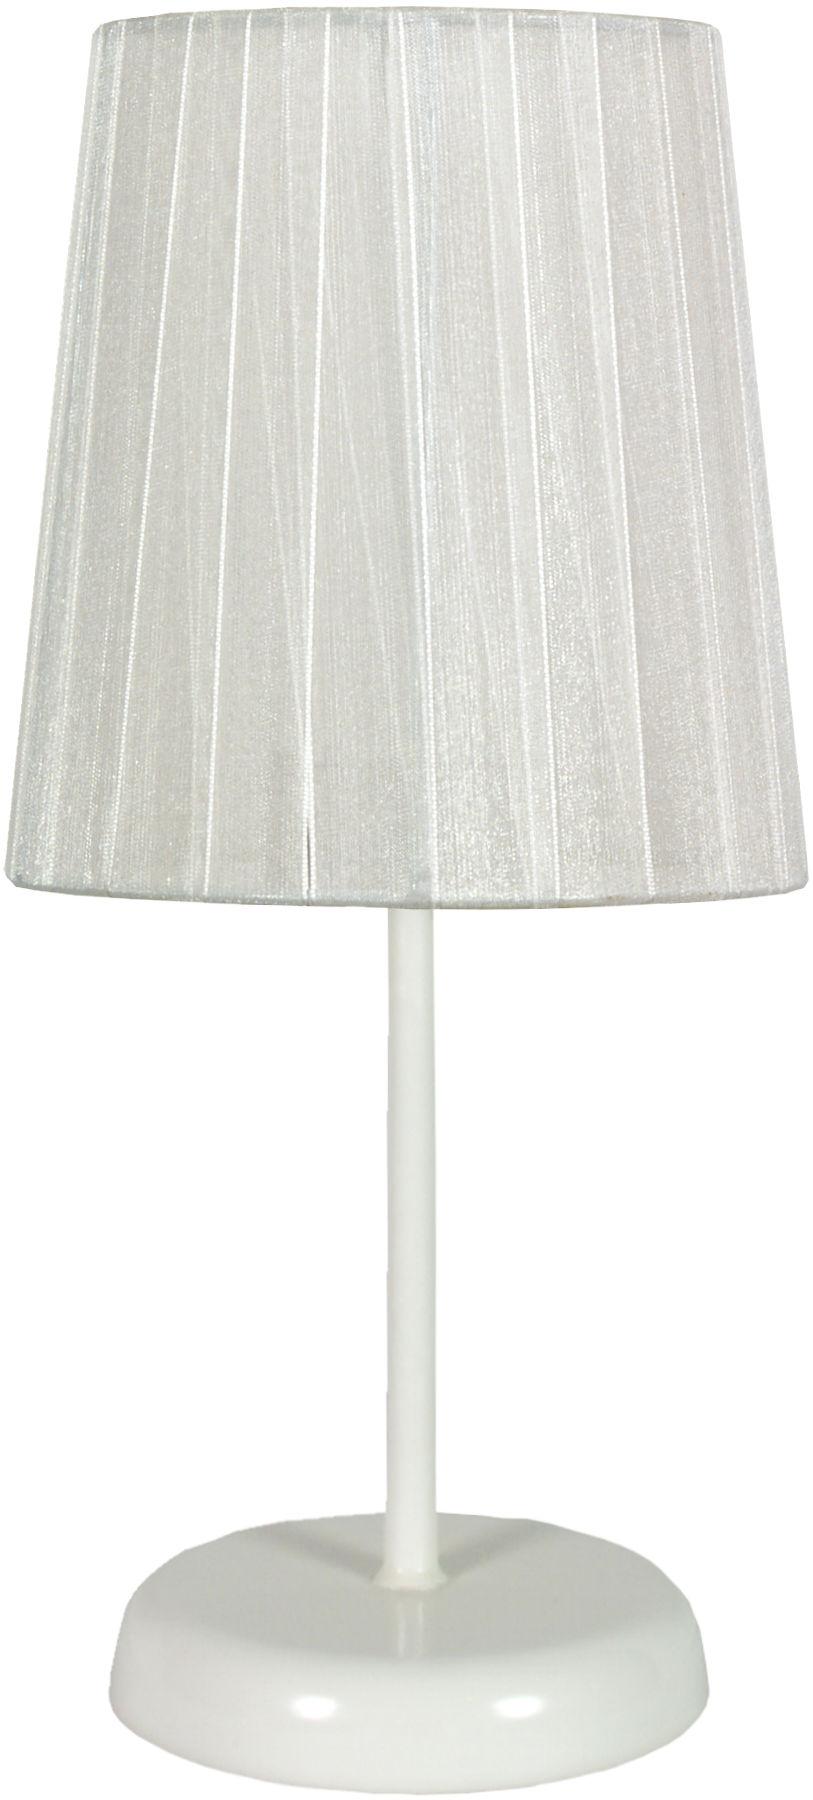 Candellux RIFASA 41-40848 lampa stołowa abażur biała 1X40W E14 14 cm